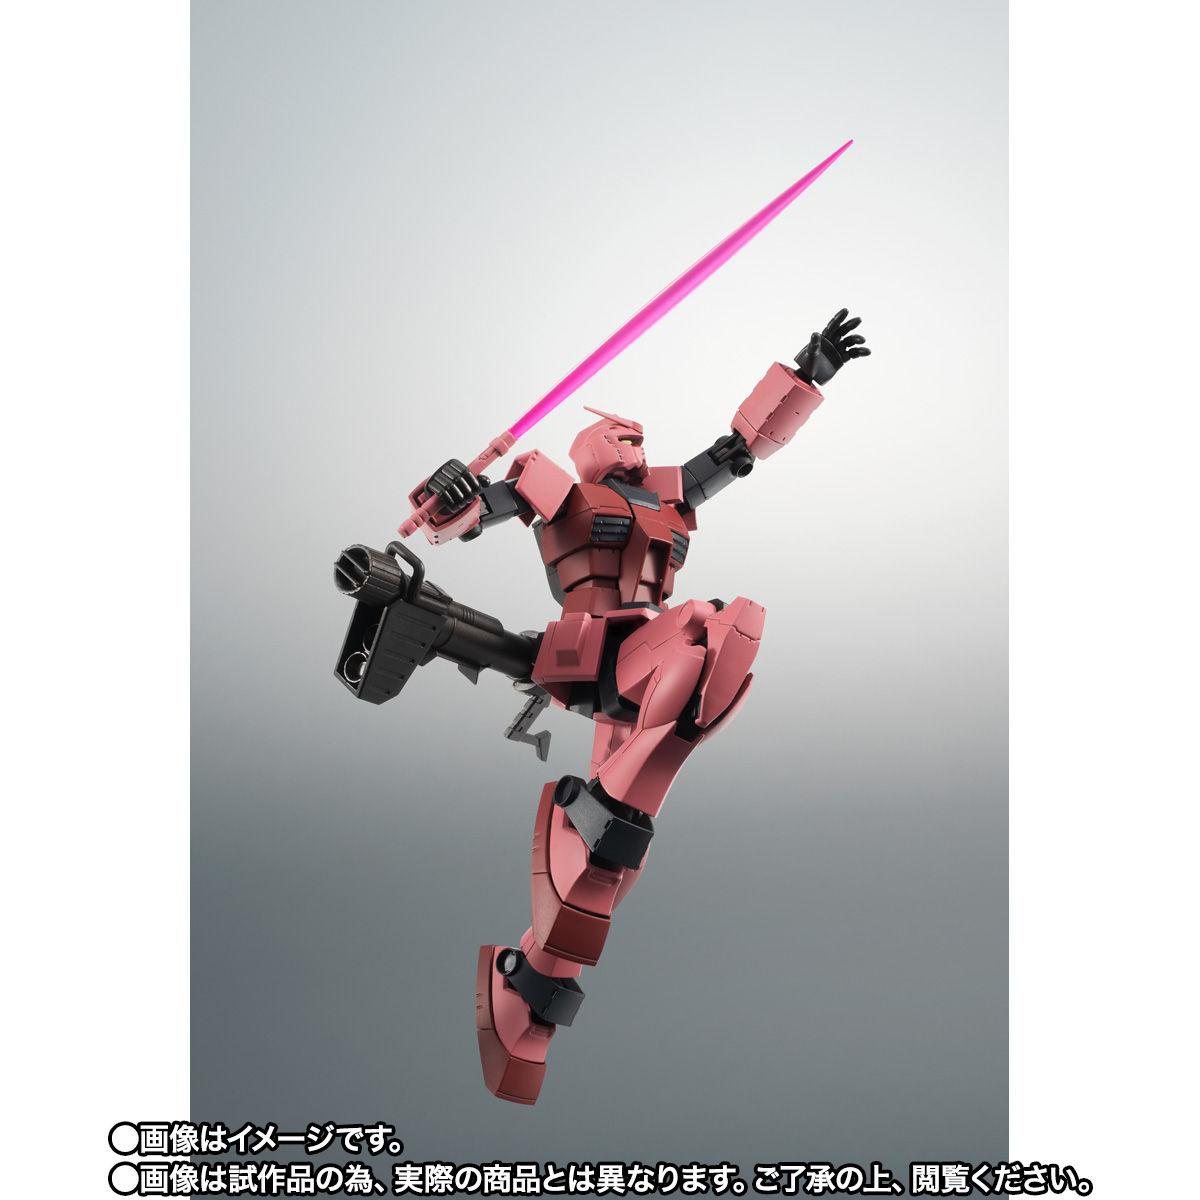 【限定販売】ROBOT魂〈SIDE MS〉『RX-78/C.A キャスバル専用ガンダム ver. A.N.I.M.E.』ギレンの野望 可動フィギュア-009